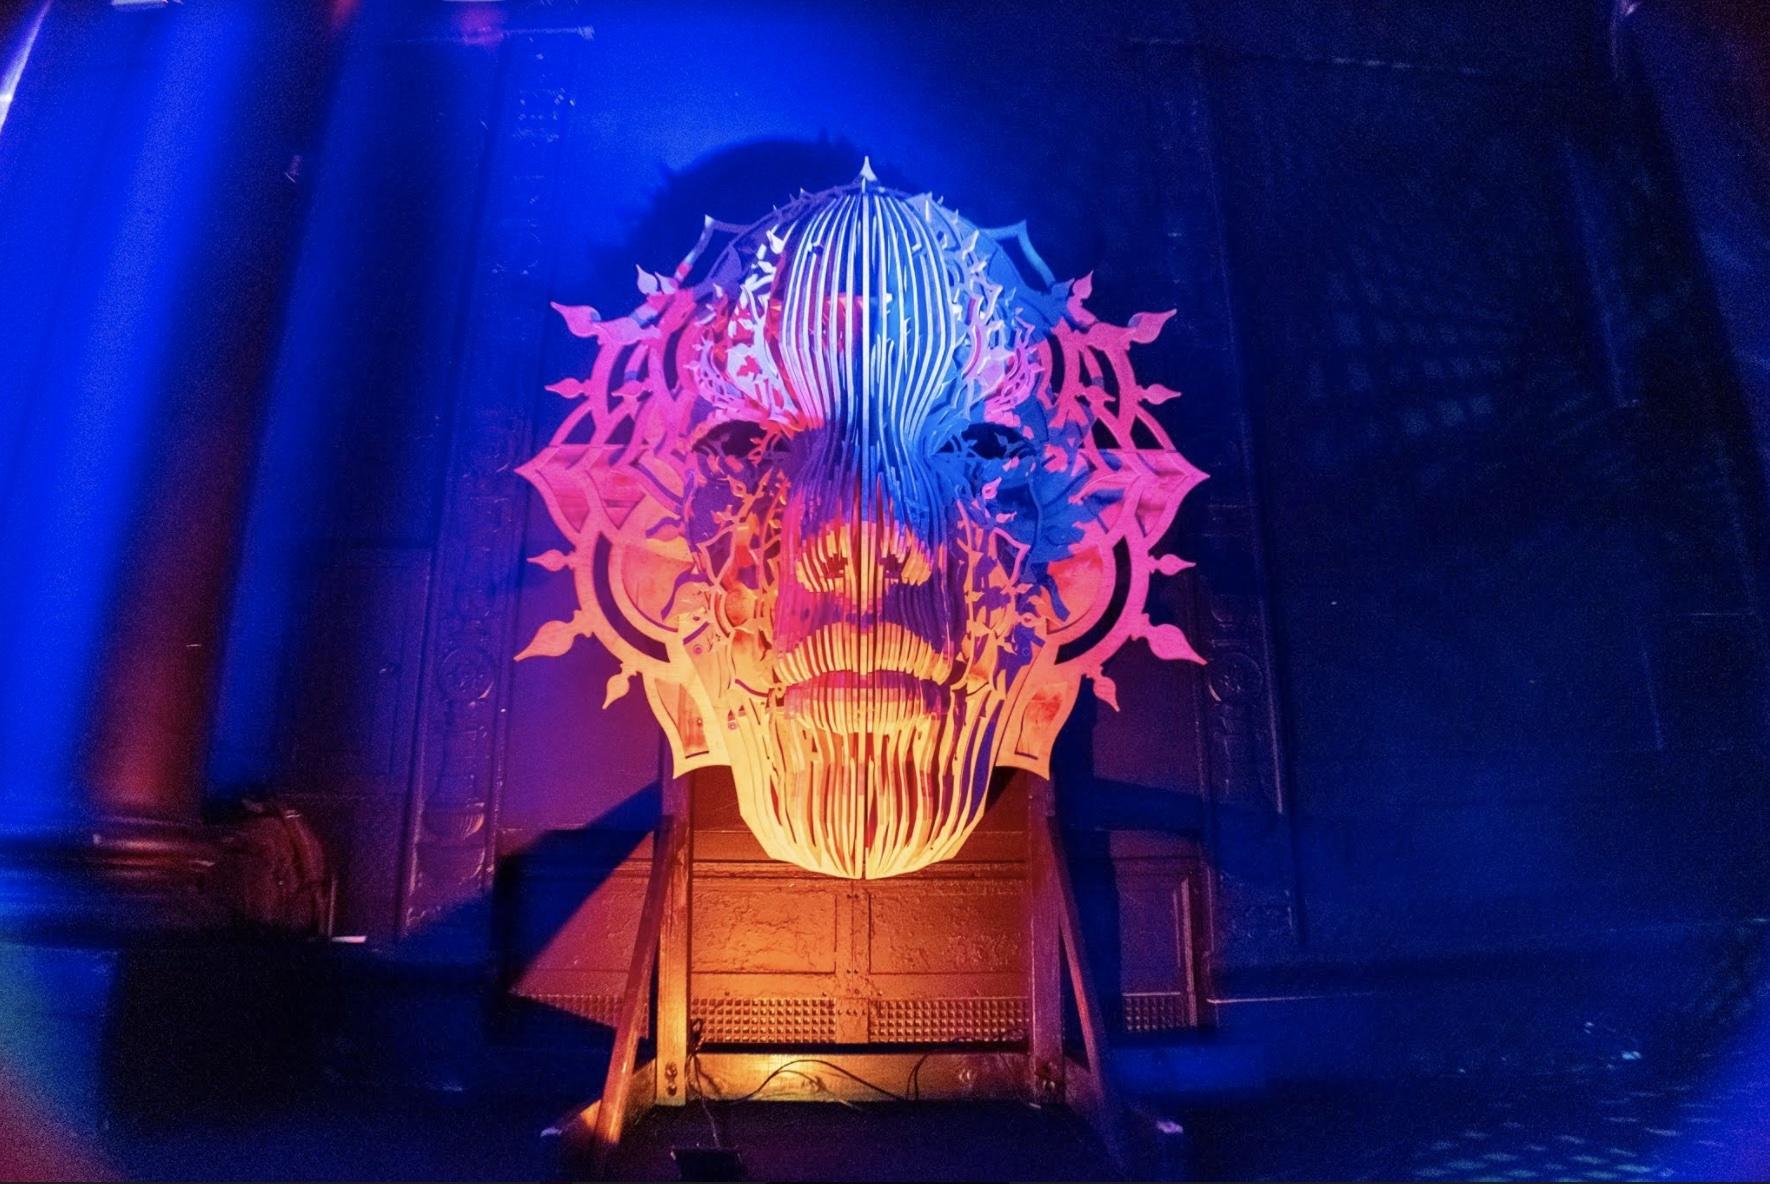 Get lit at the Illumination Light Art Festival